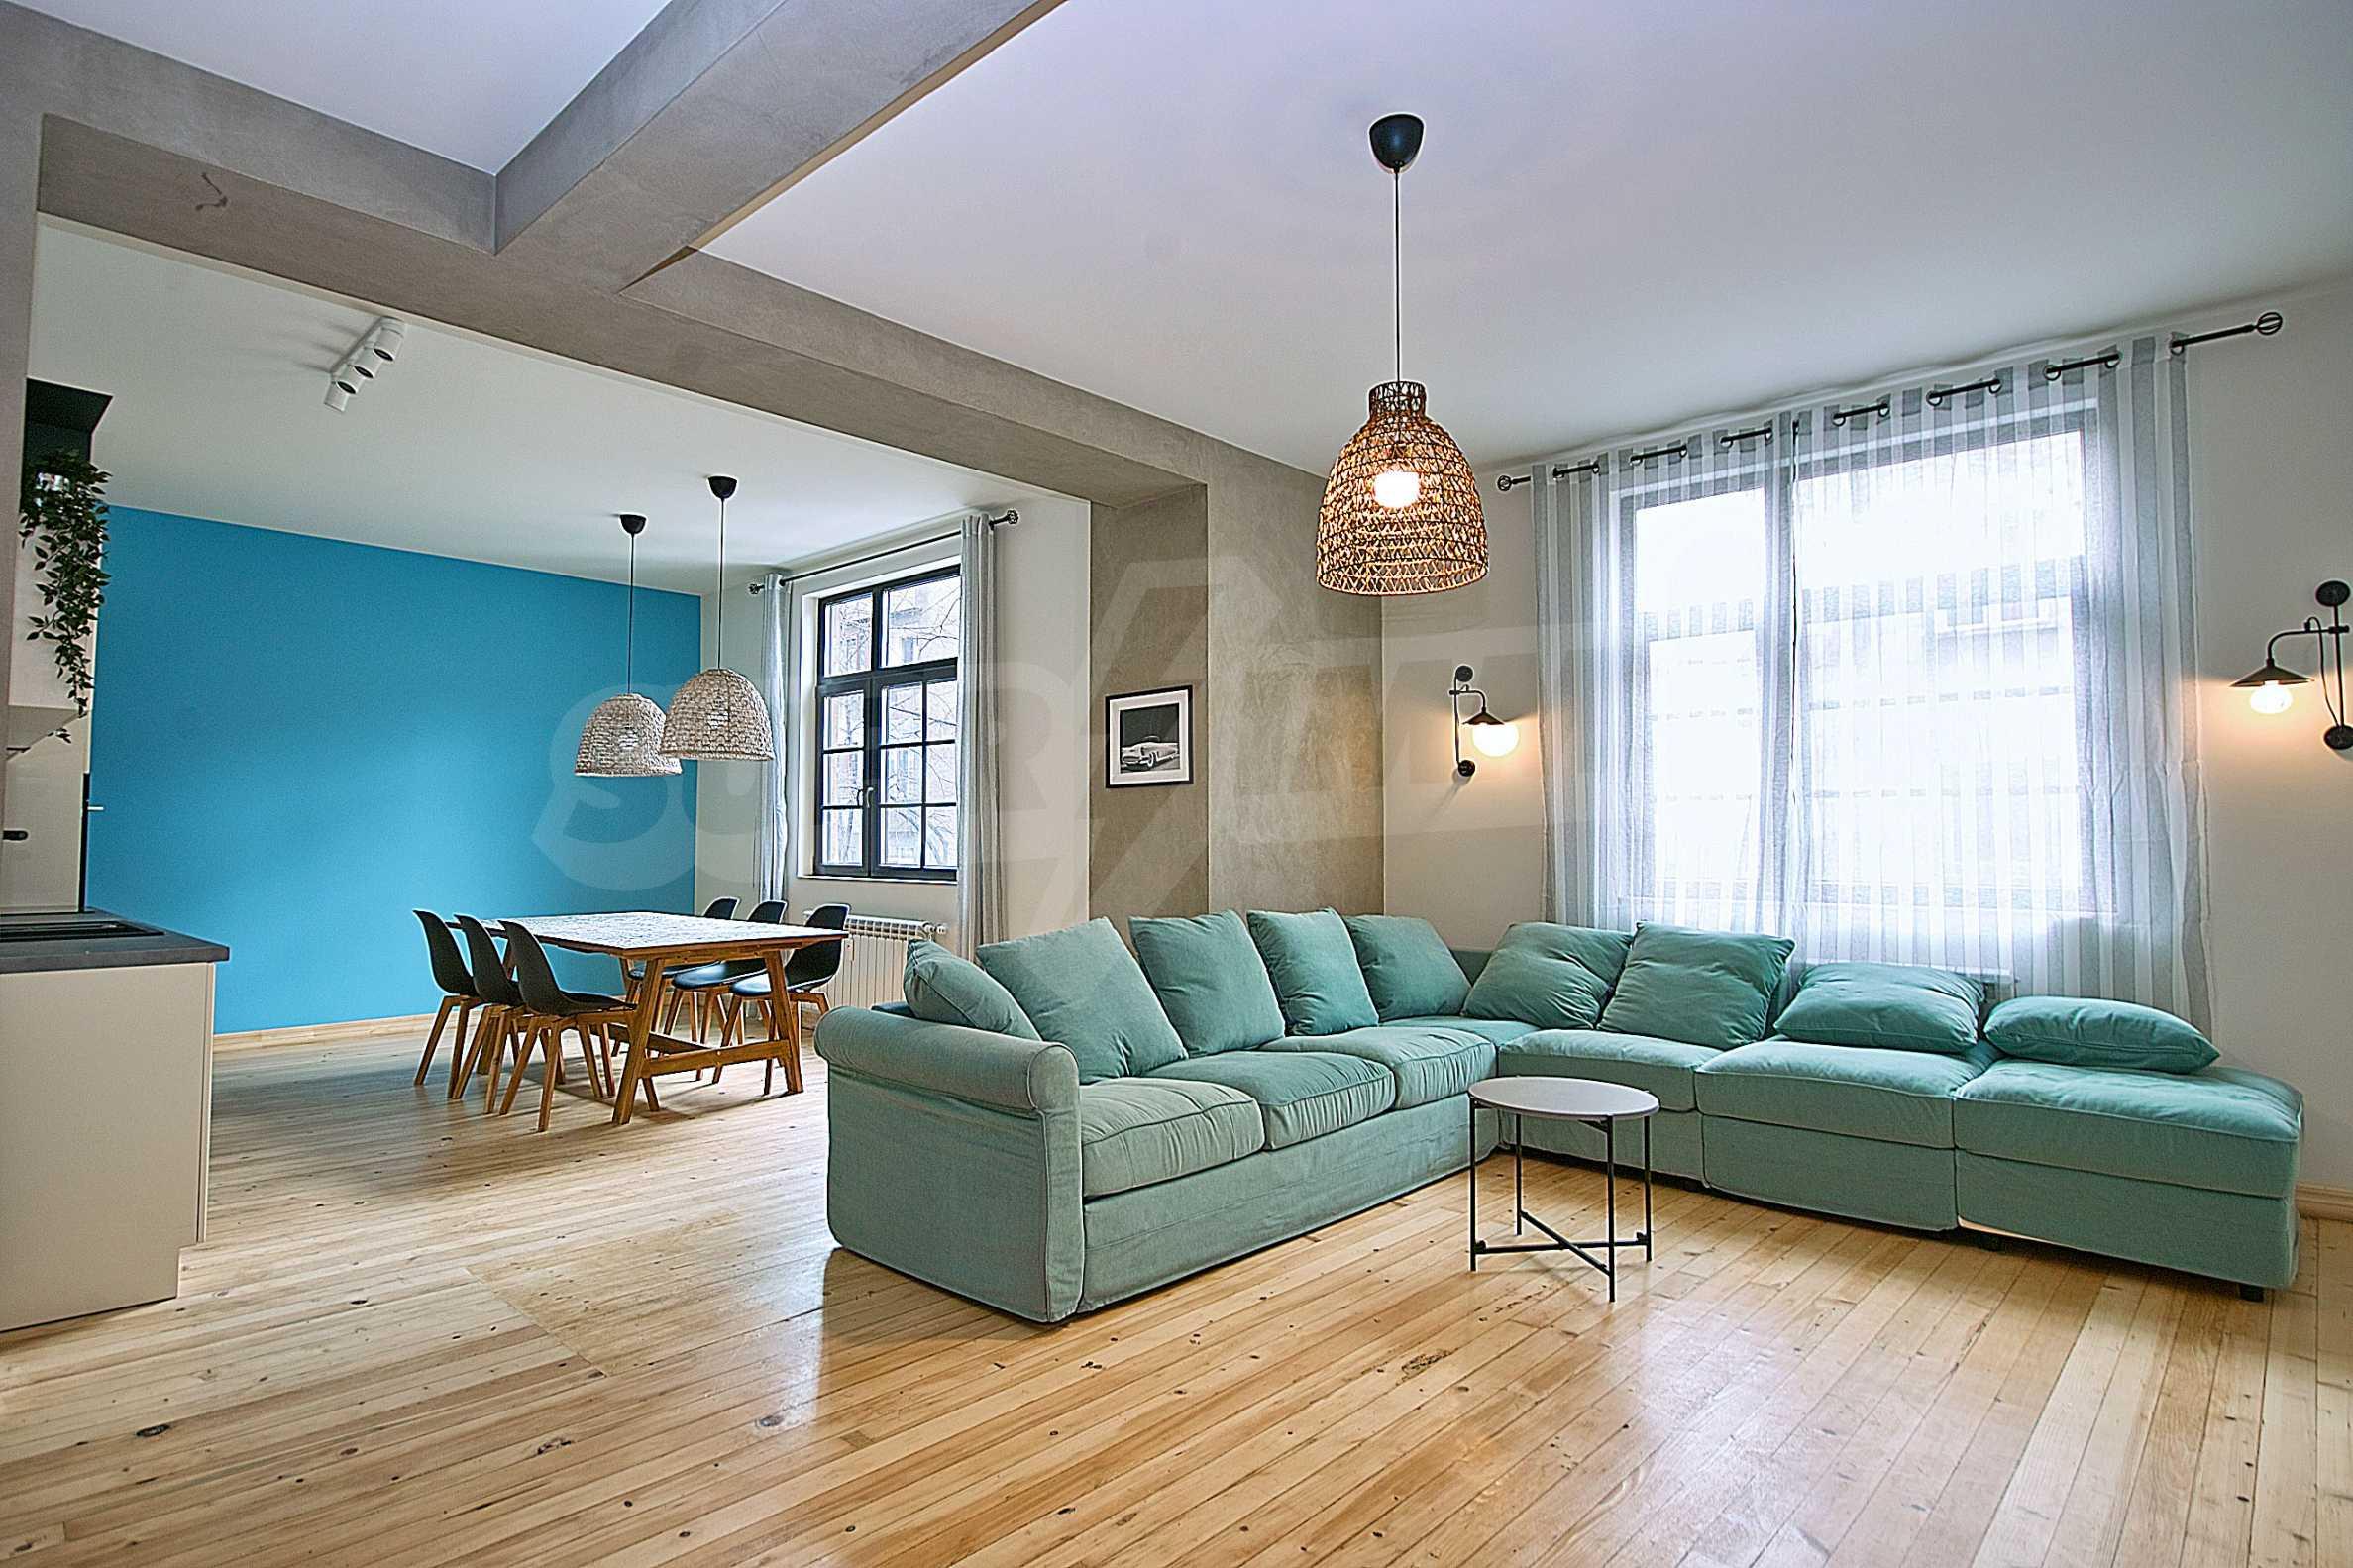 Möblierte Wohnung mit zwei Schlafzimmern in der Mitte